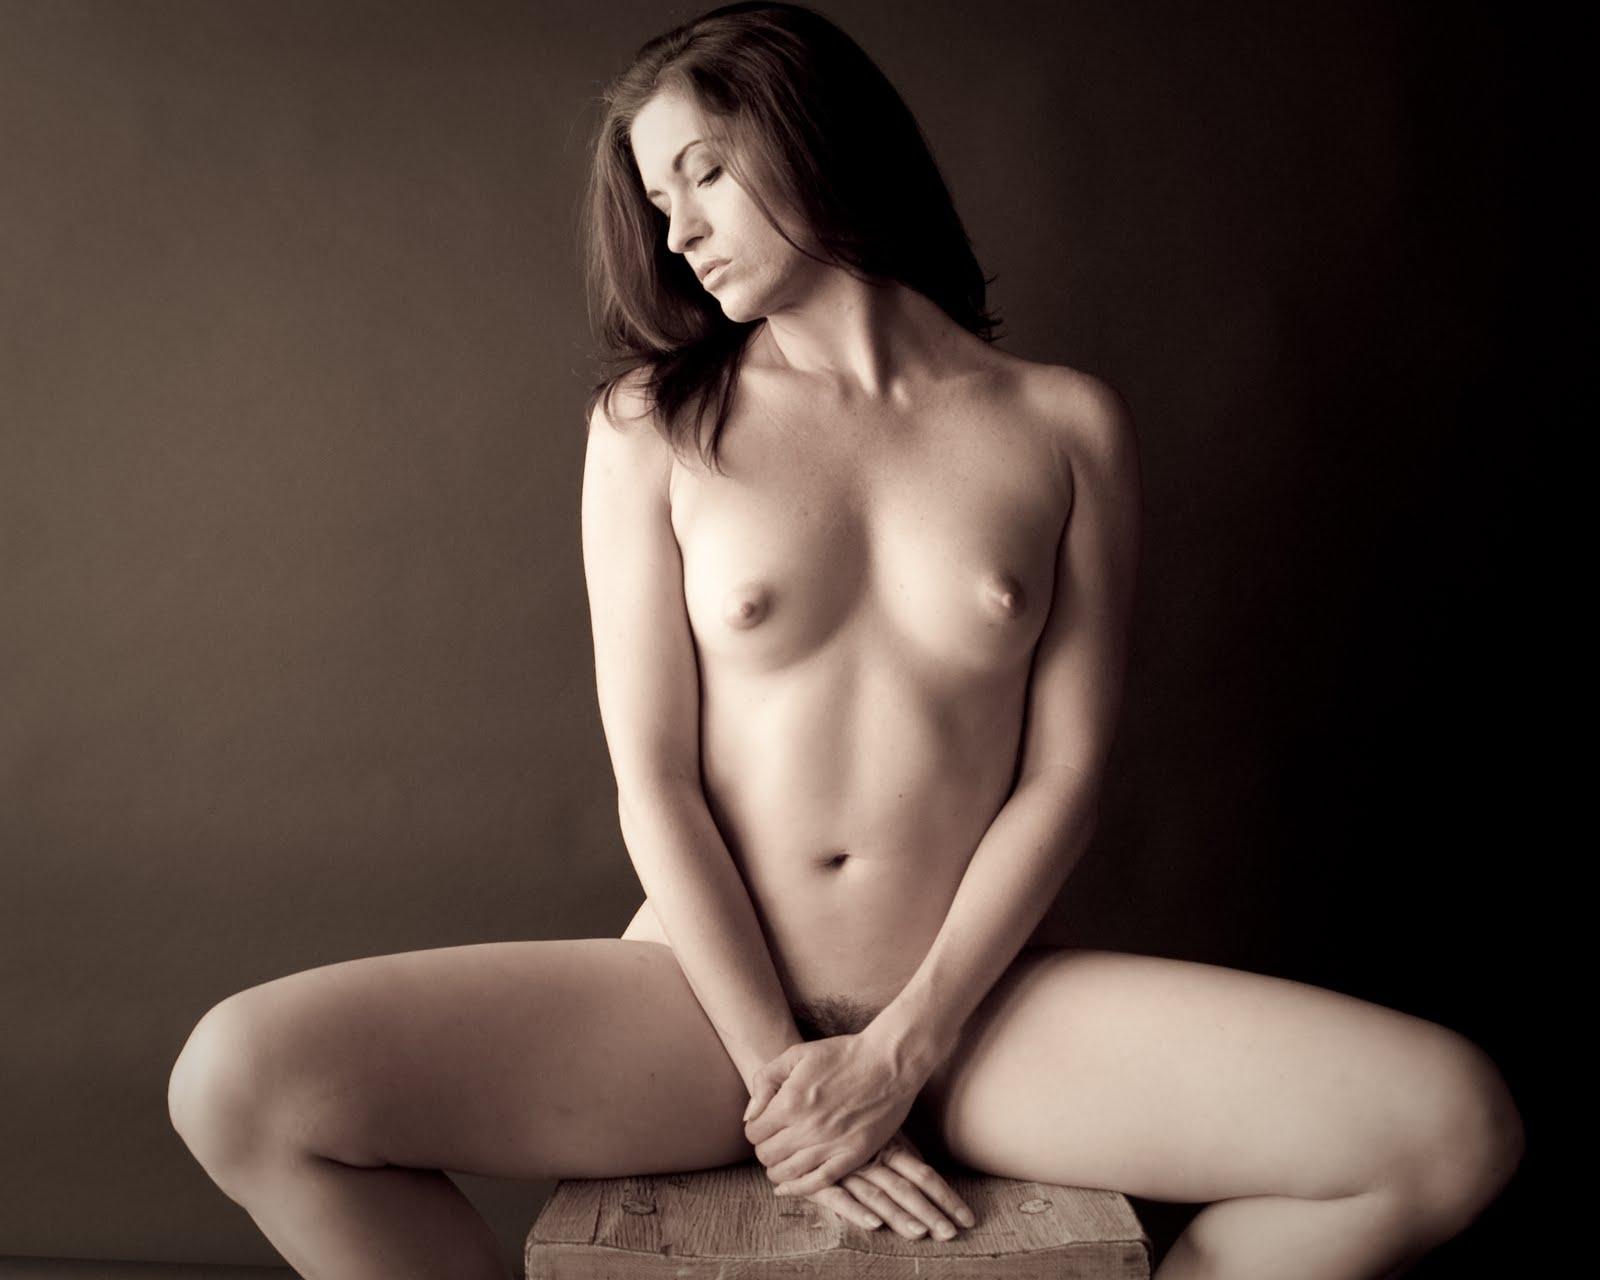 Vimeo Naked Male